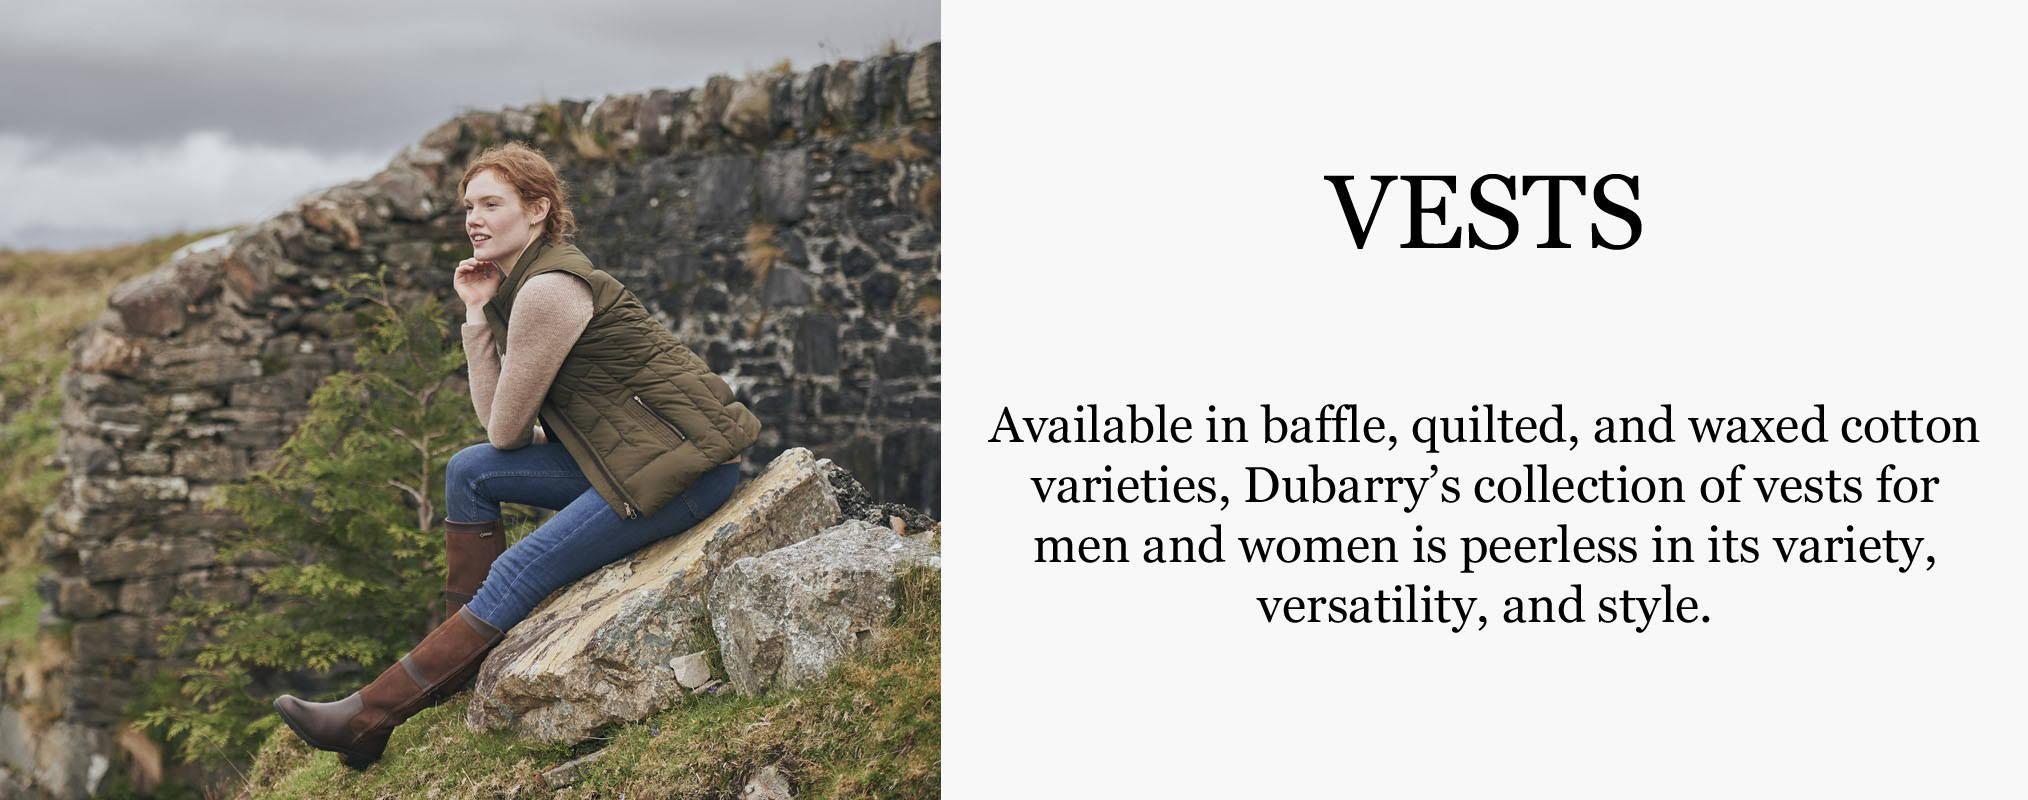 Dubarry Vests